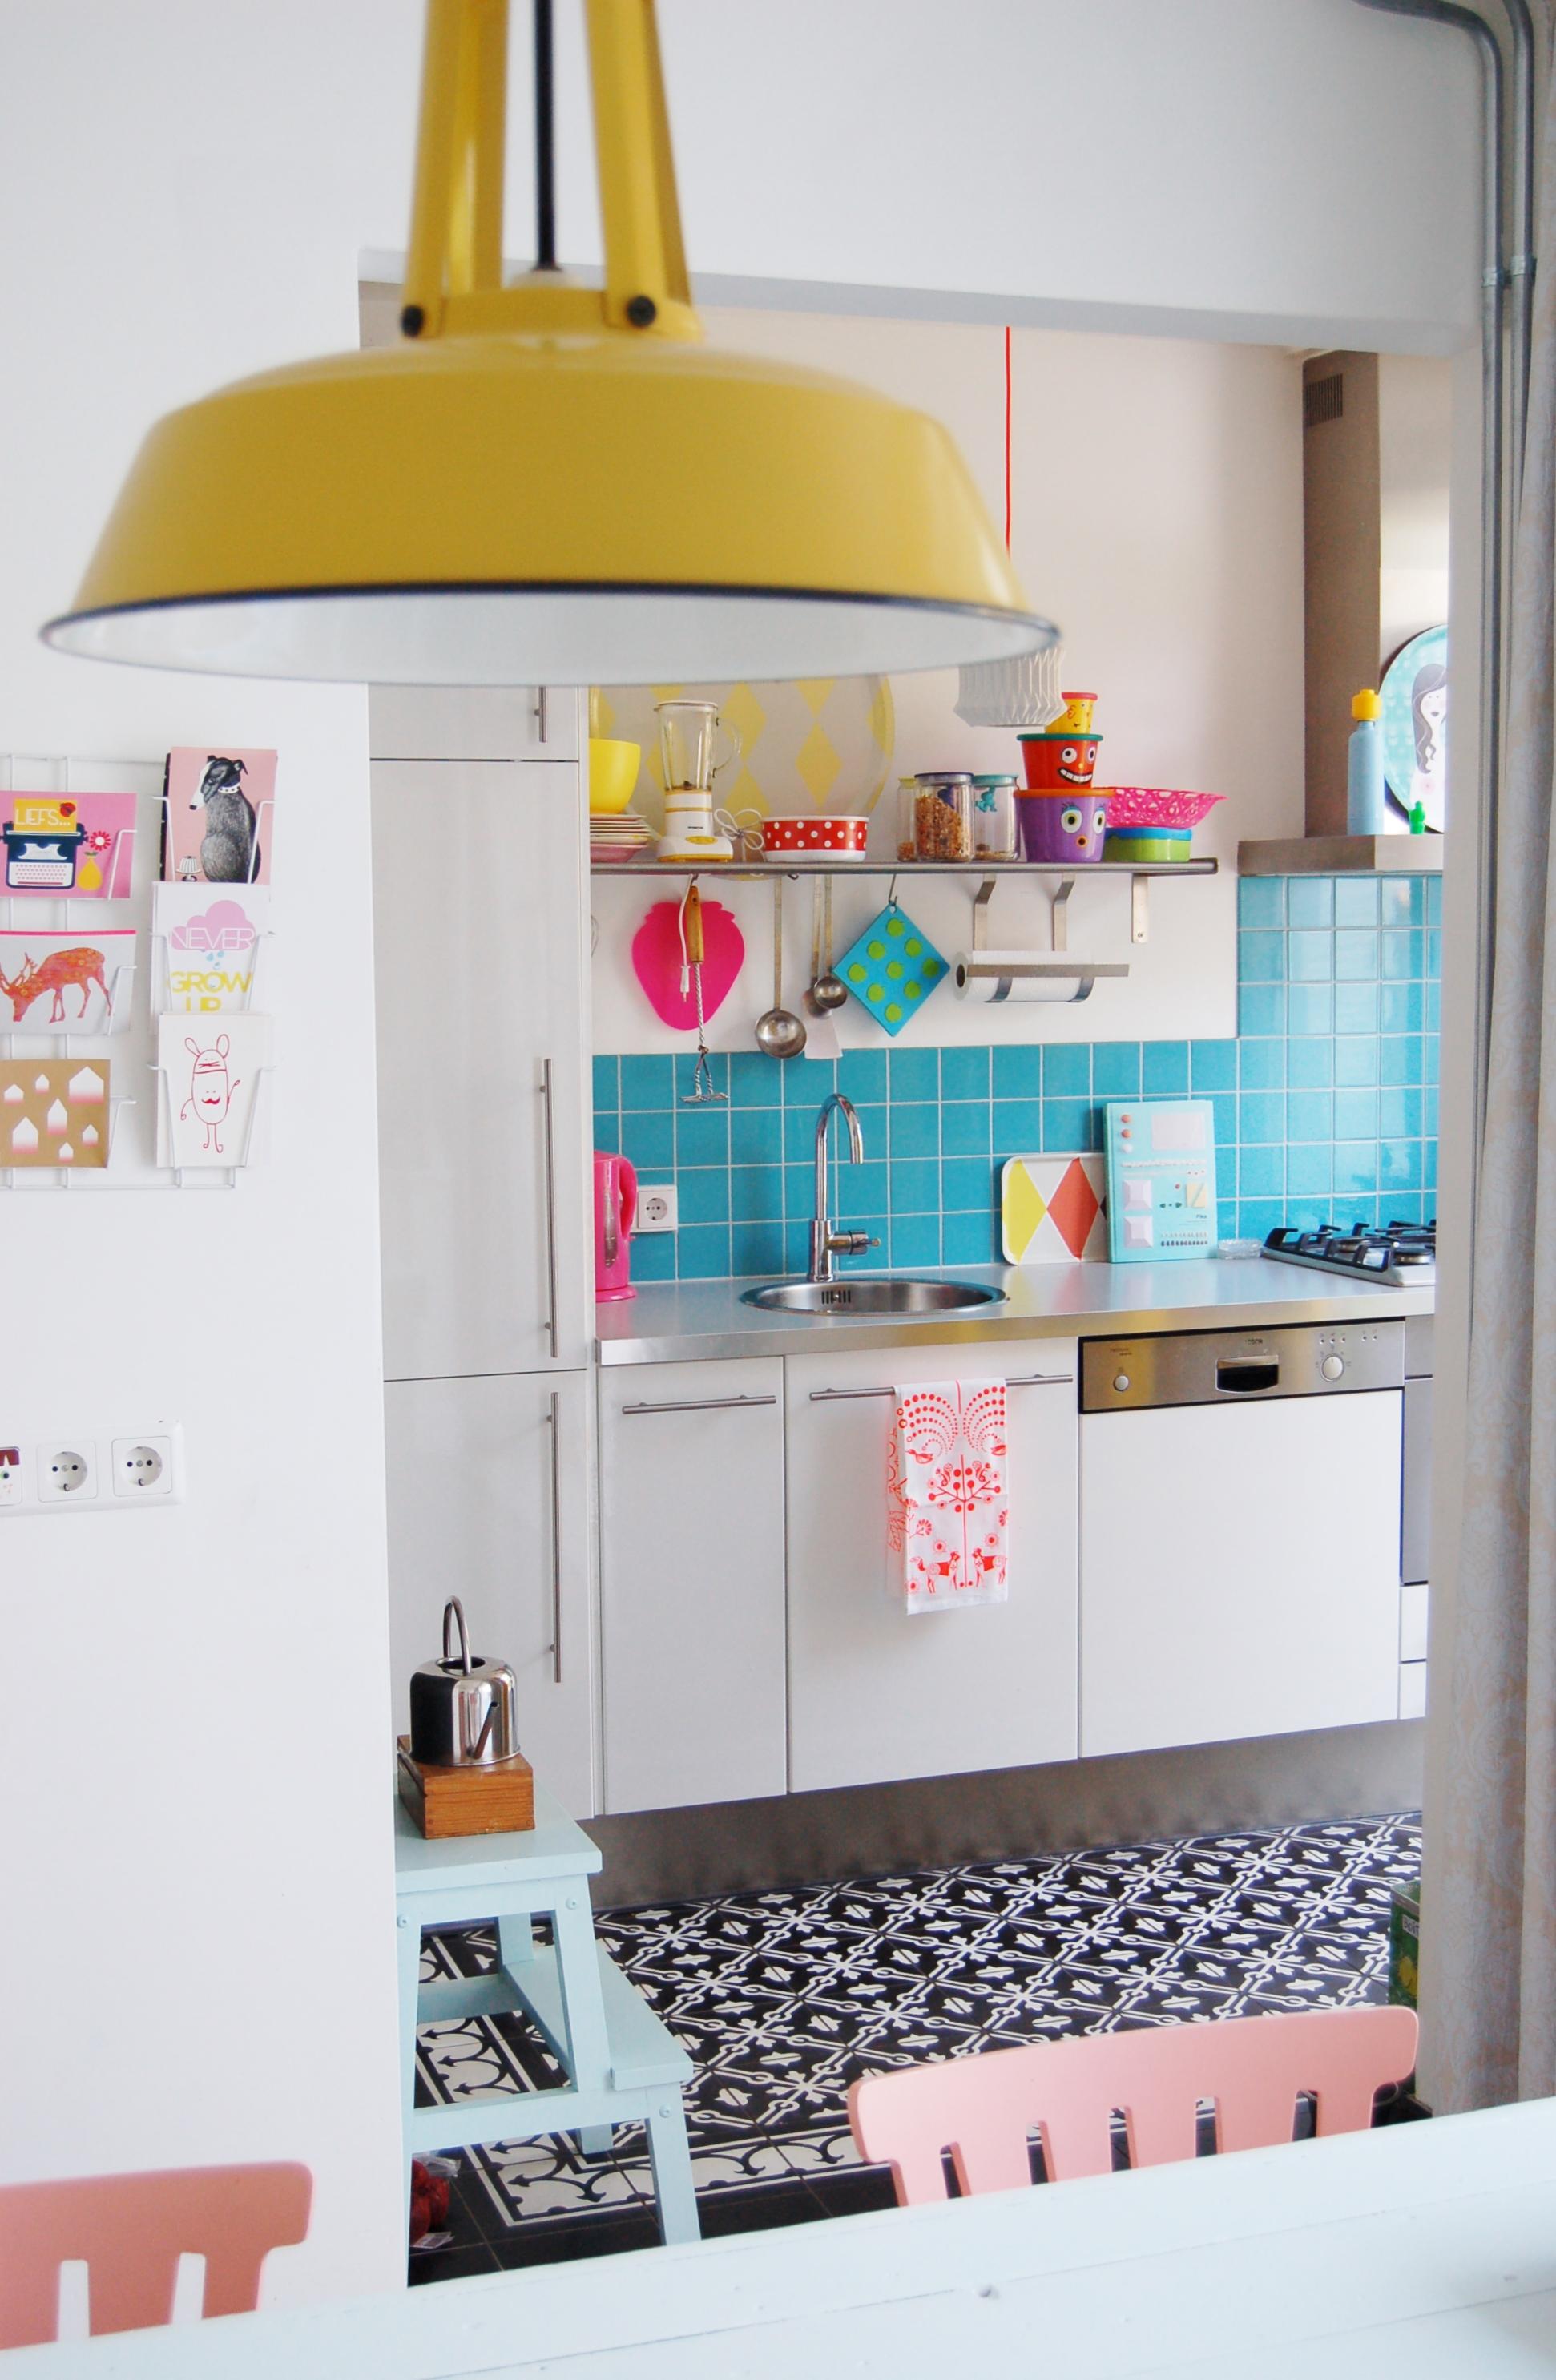 kleurige keuken